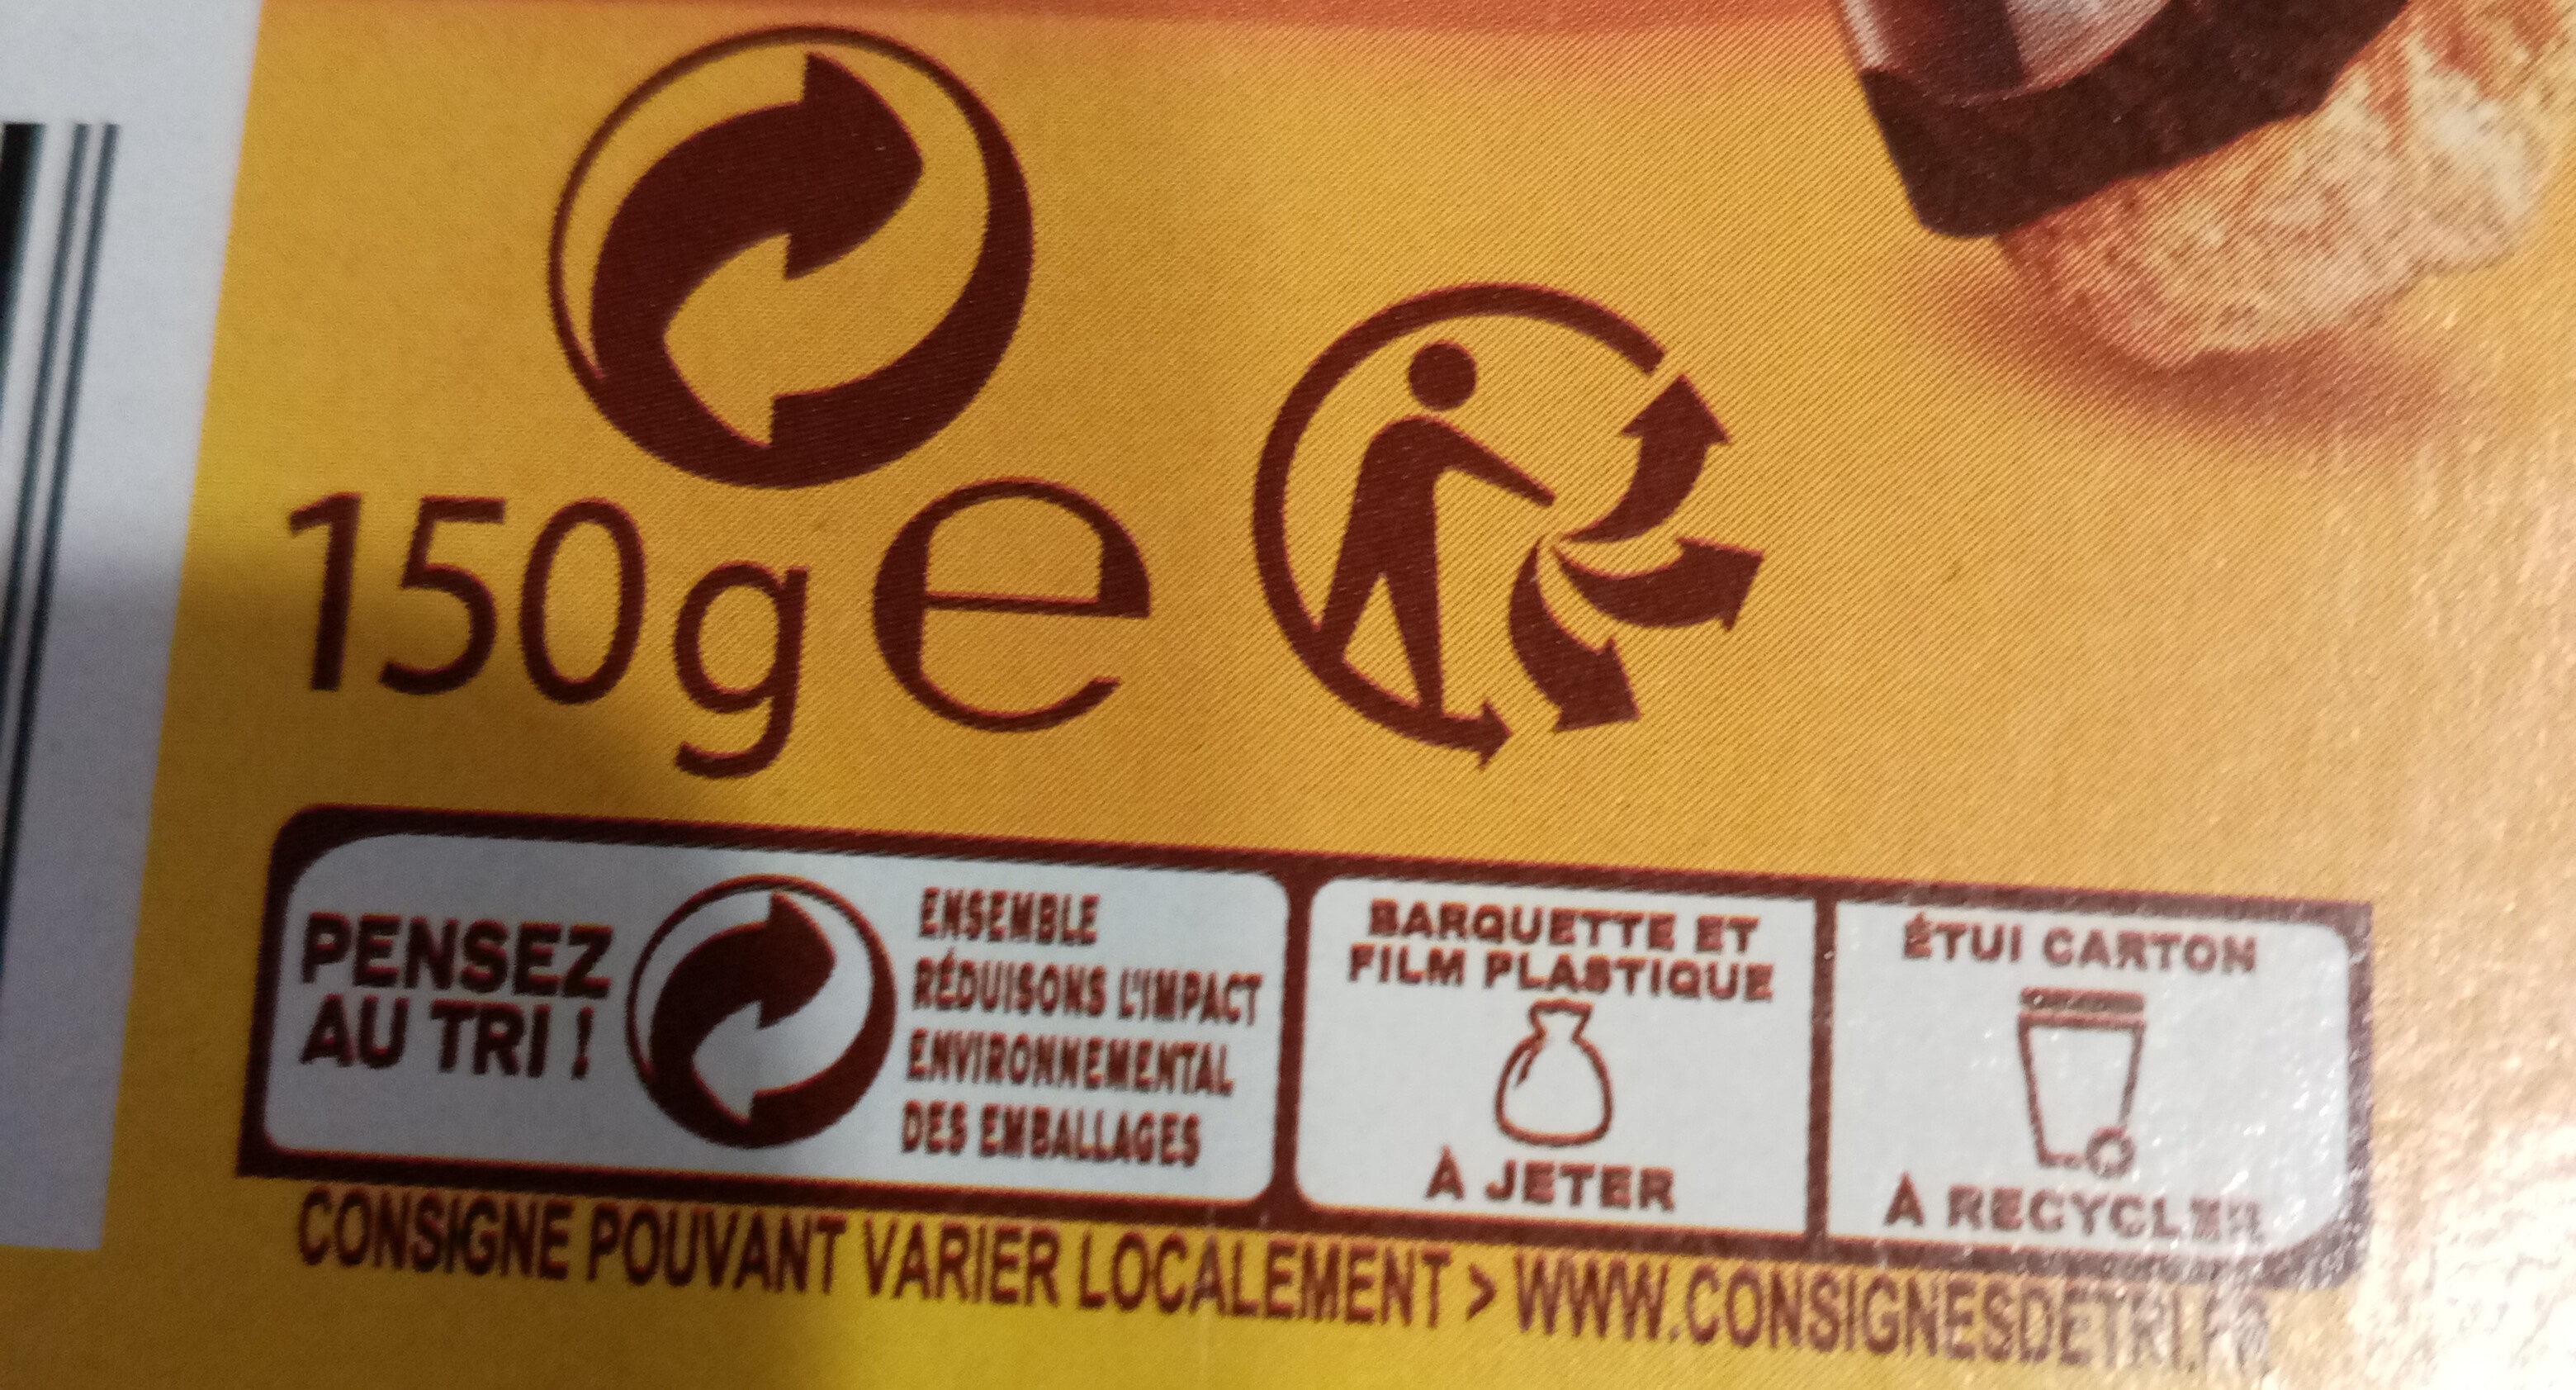 Delichoc tablette chocolat lait - Recyclinginstructies en / of verpakkingsinformatie - fr